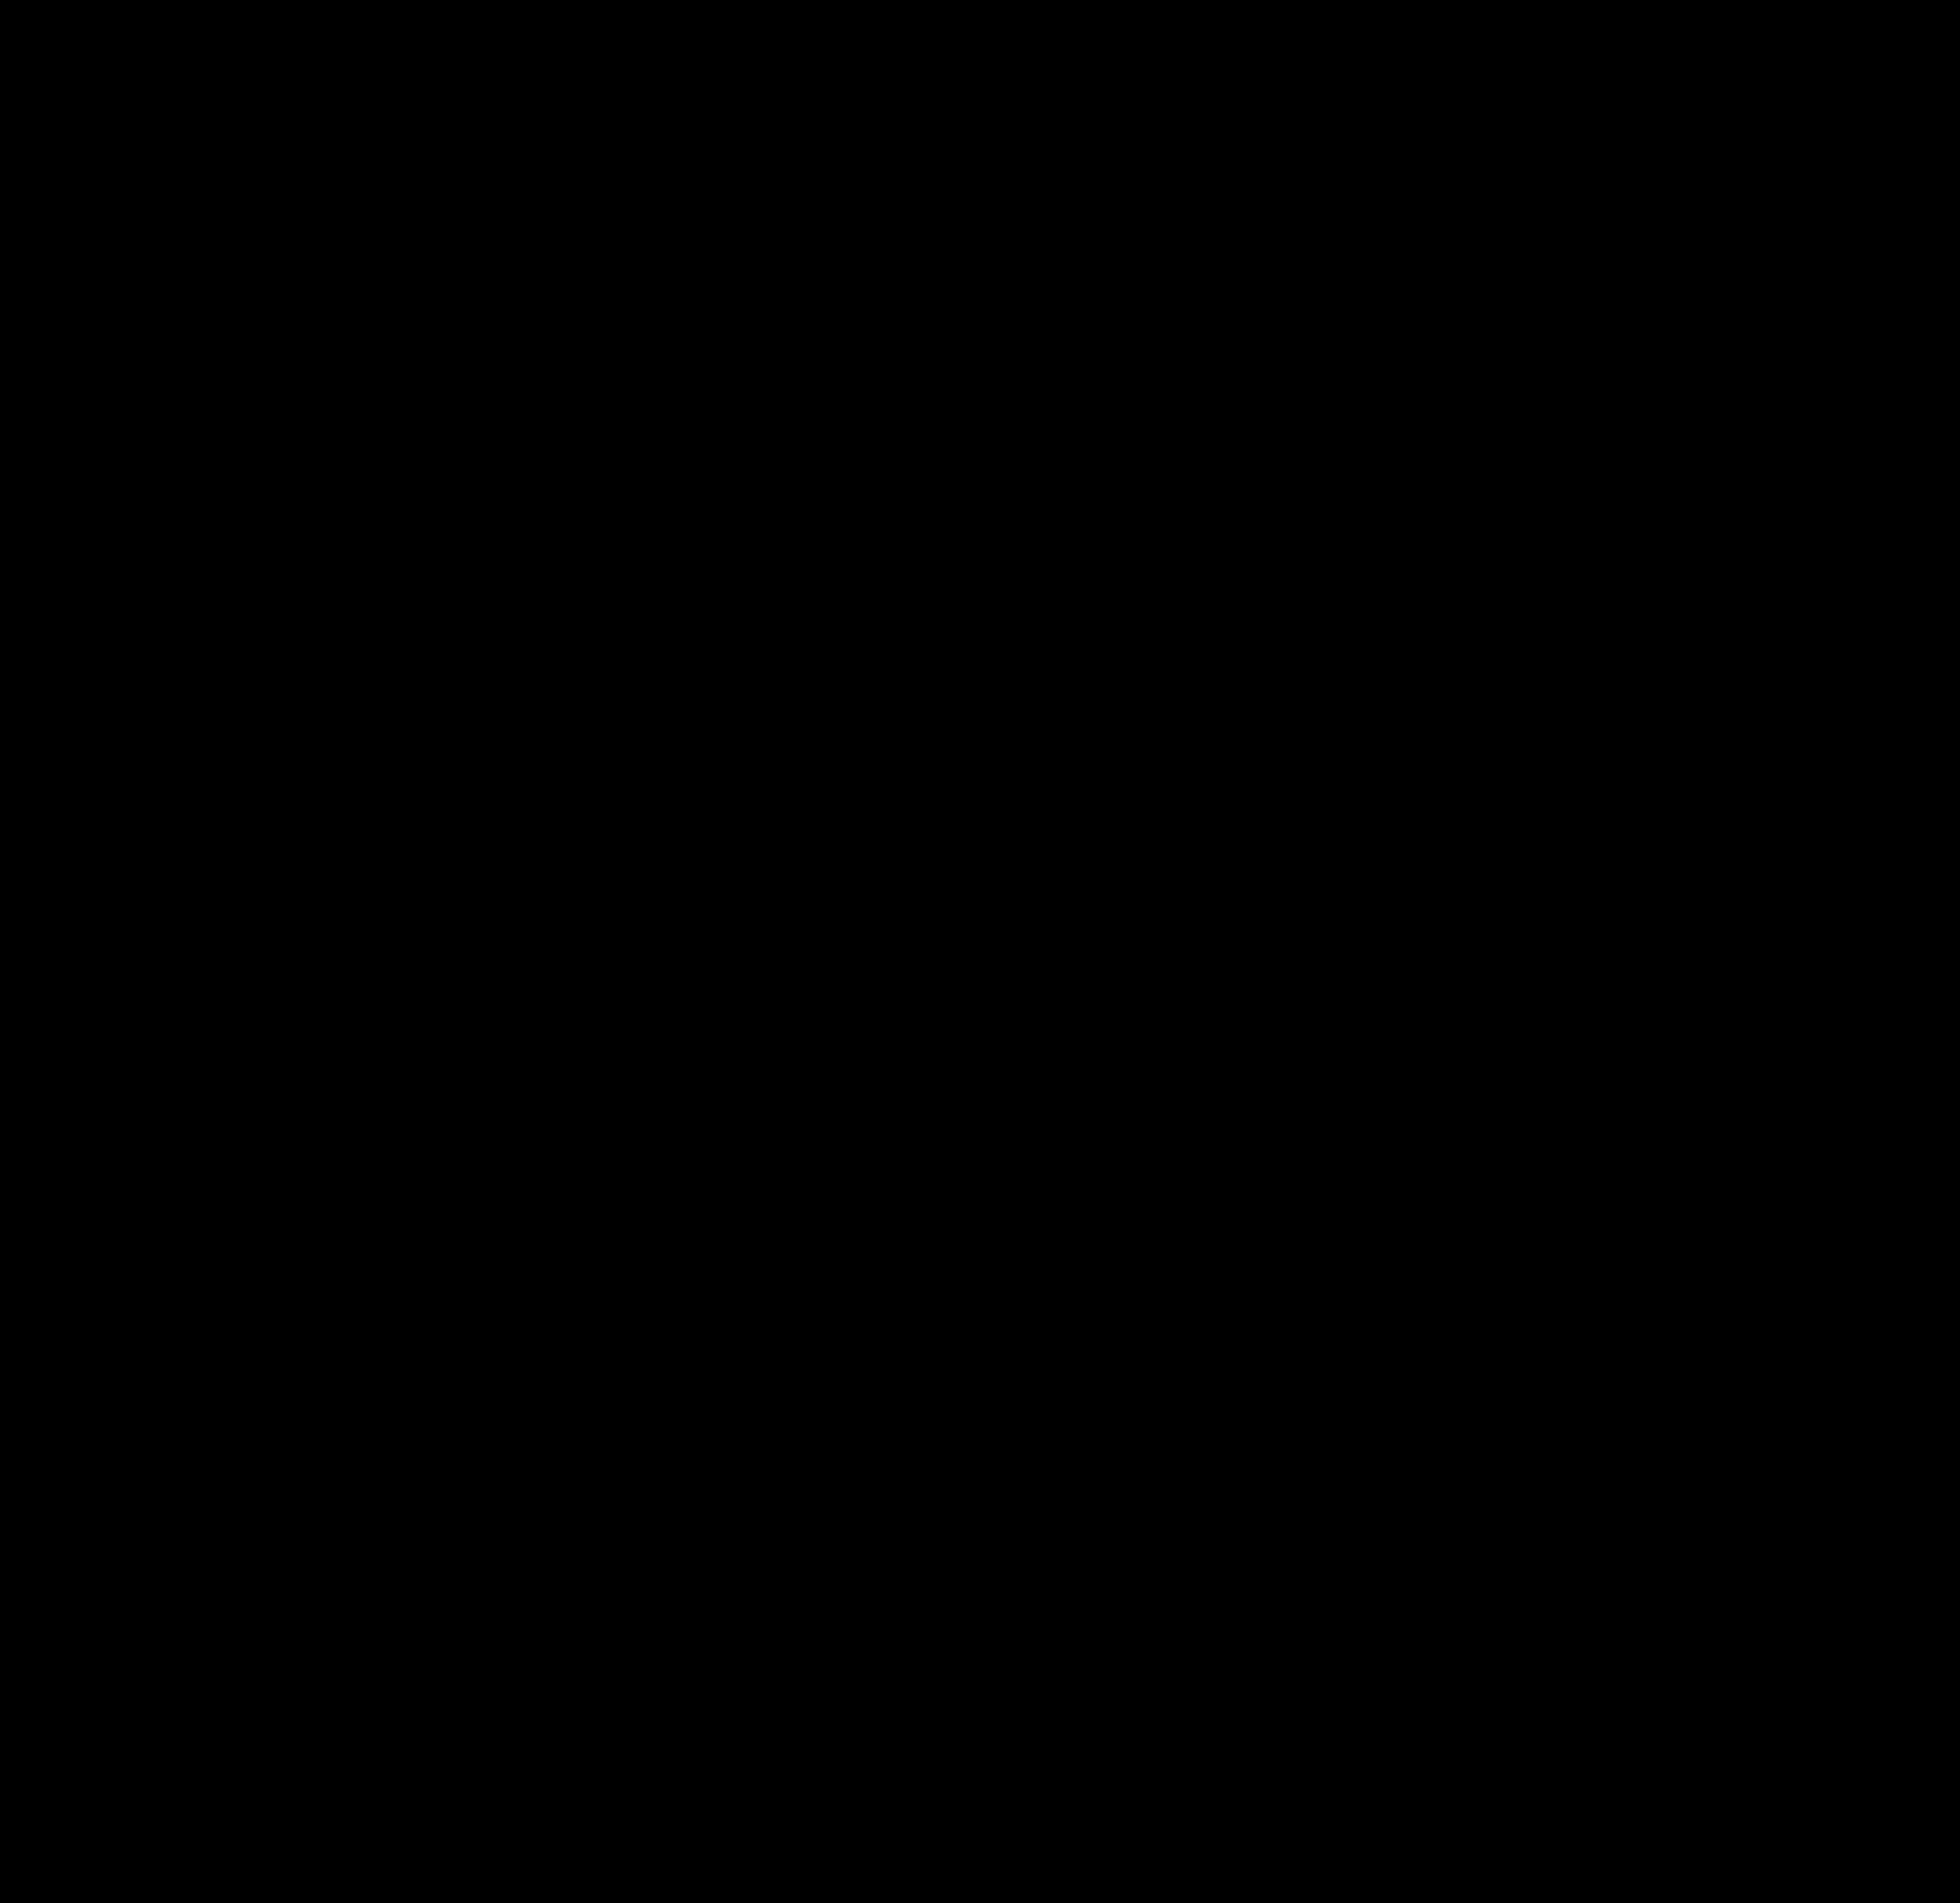 Mark twain. Neck clipart outline